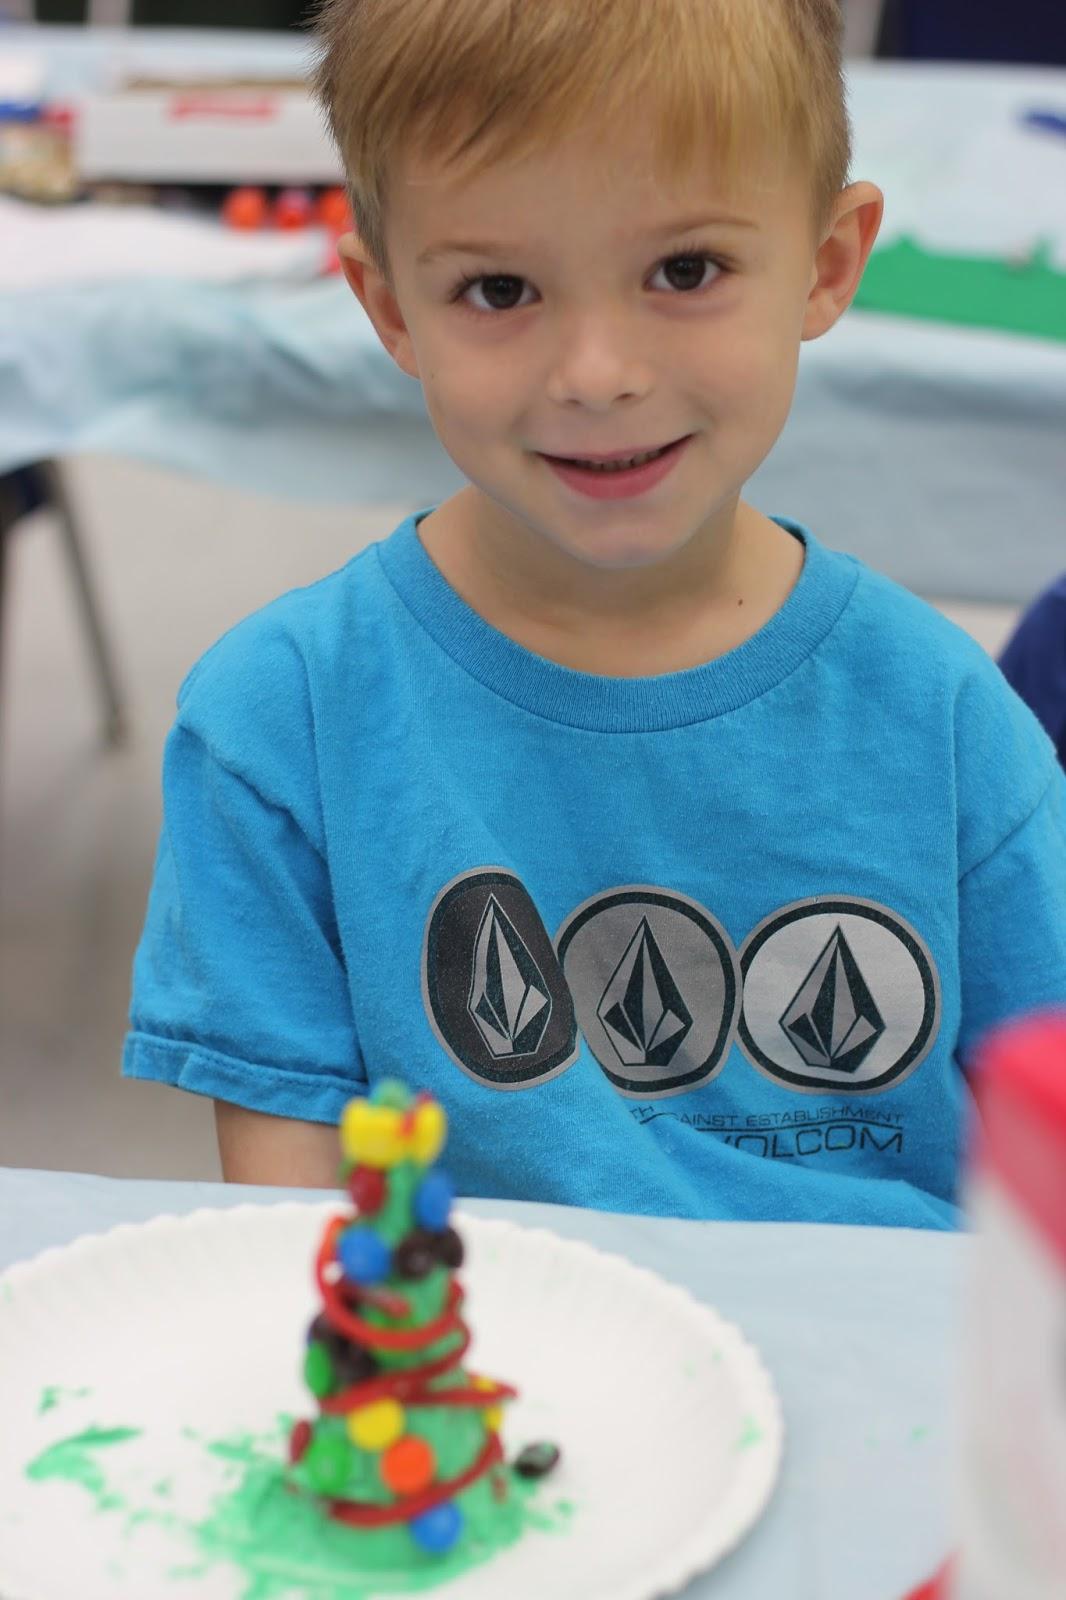 Kindergarten Smiles Kindergarten Holiday Party